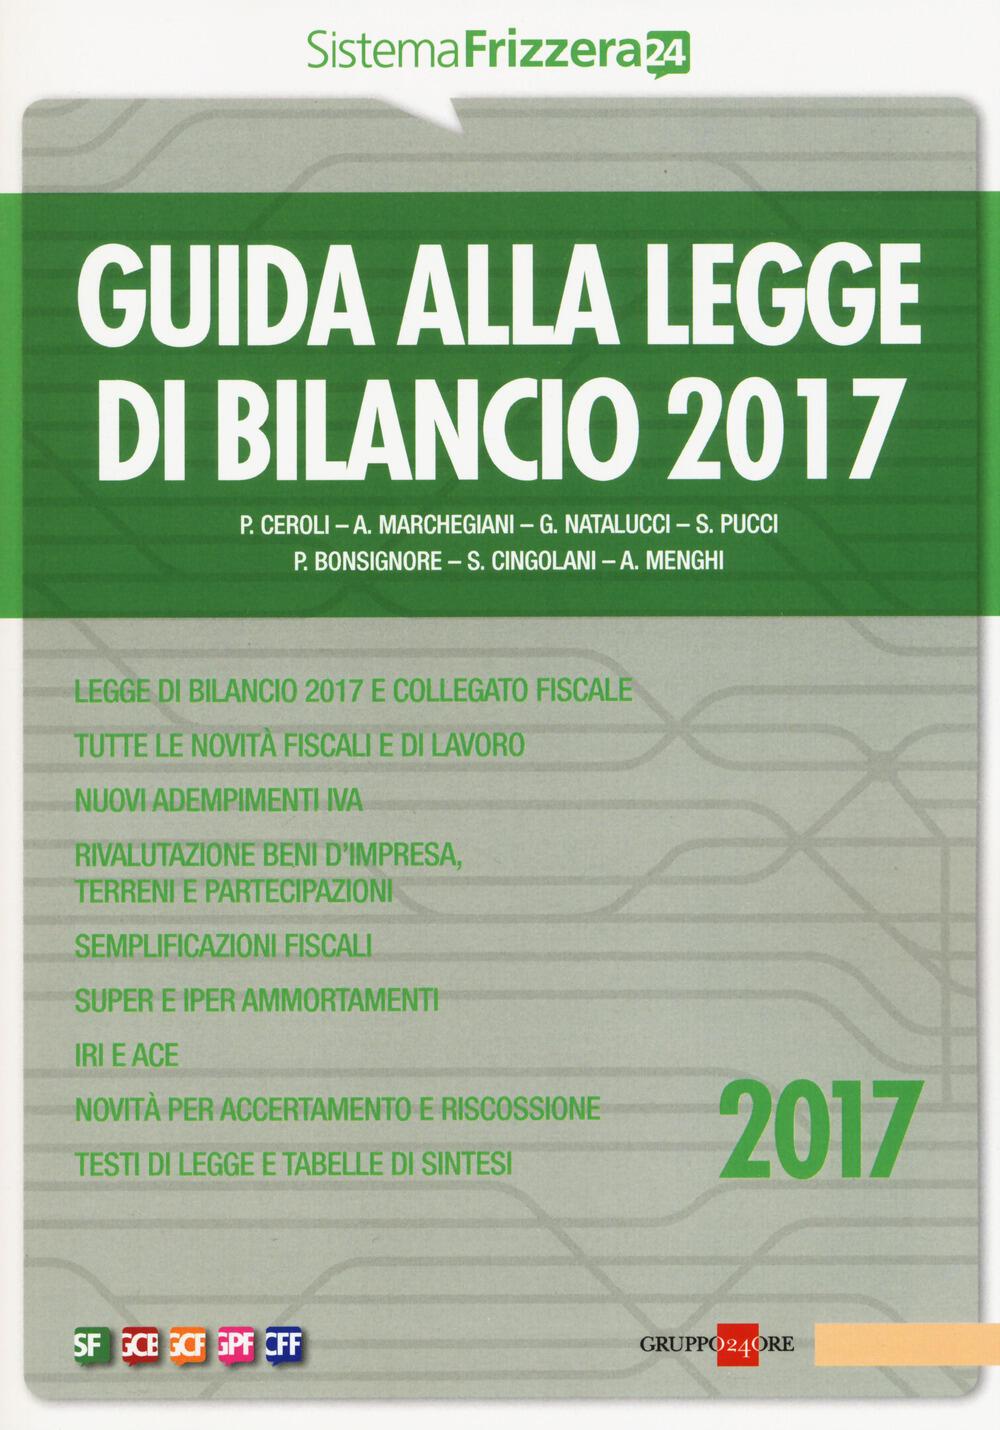 Guida Alla Legge Di Bilancio 2017   Libro   Il Sole 24 Ore   Sistema  Frizzera | IBS